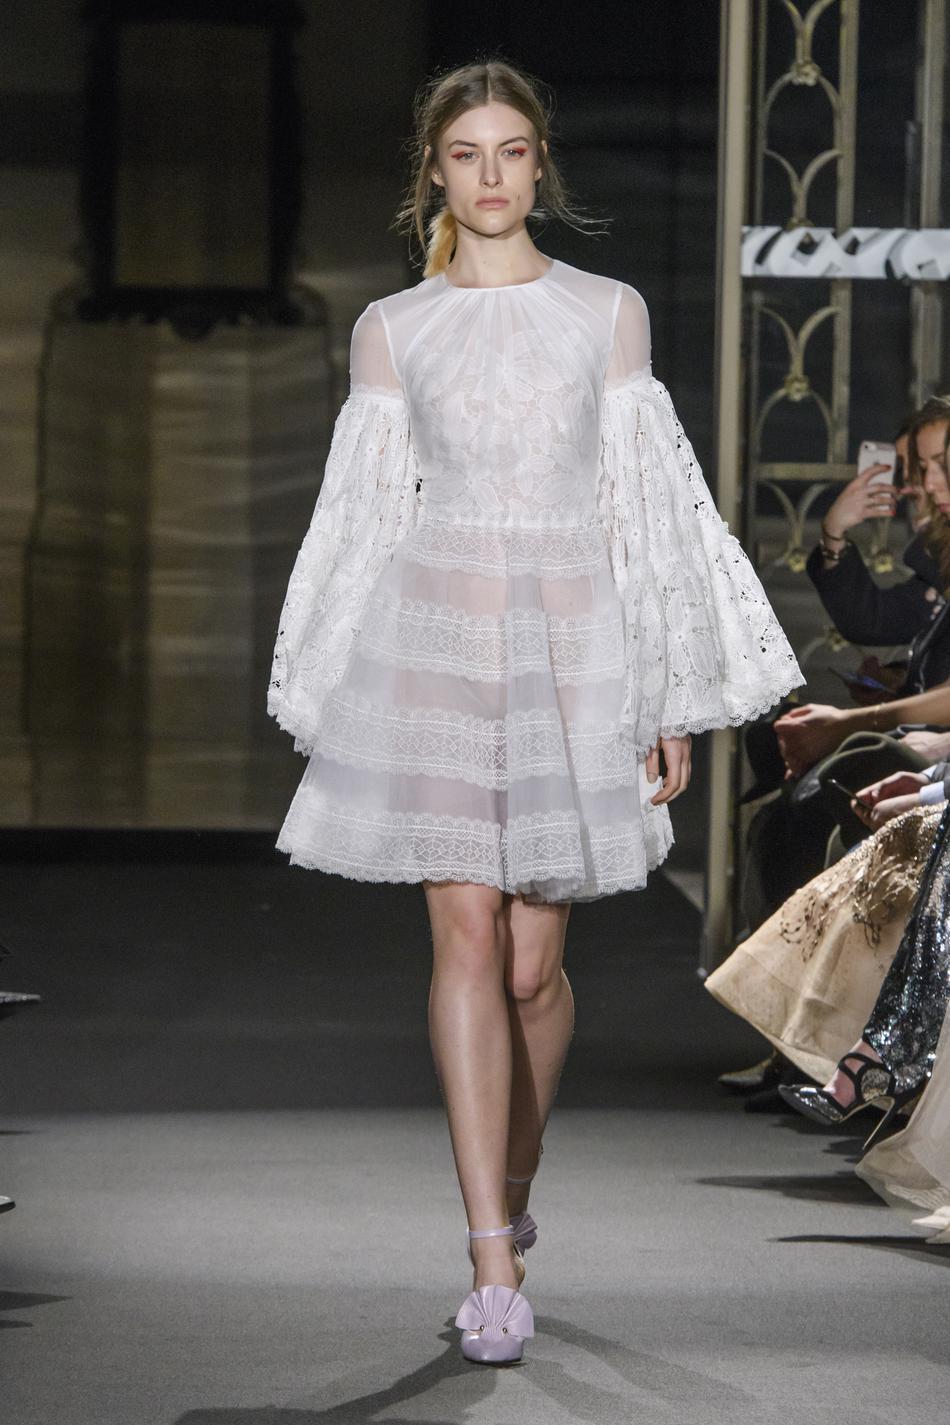 robes de mariée haute couture printemps,été 2018 Les robes de mariée  haute couture printemps,été 2018 Les robes de mariée haute couture  printemps,été